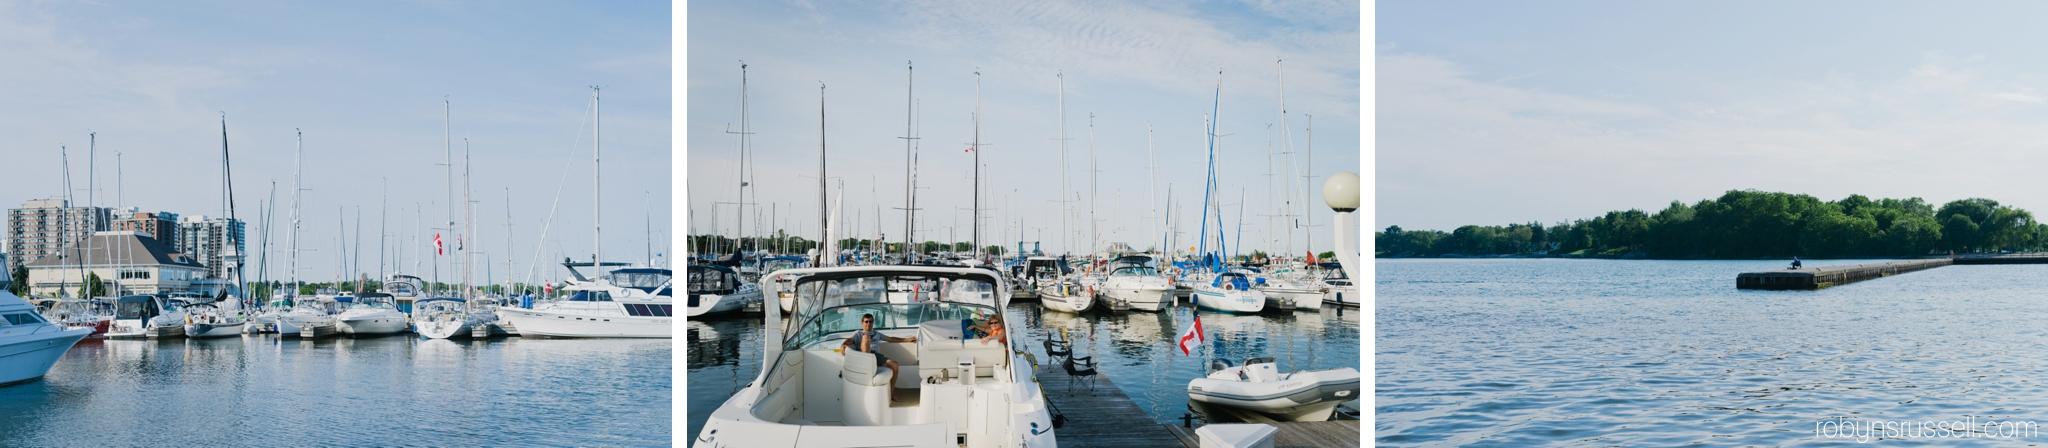 21-oakville-views-from-harbour.jpg